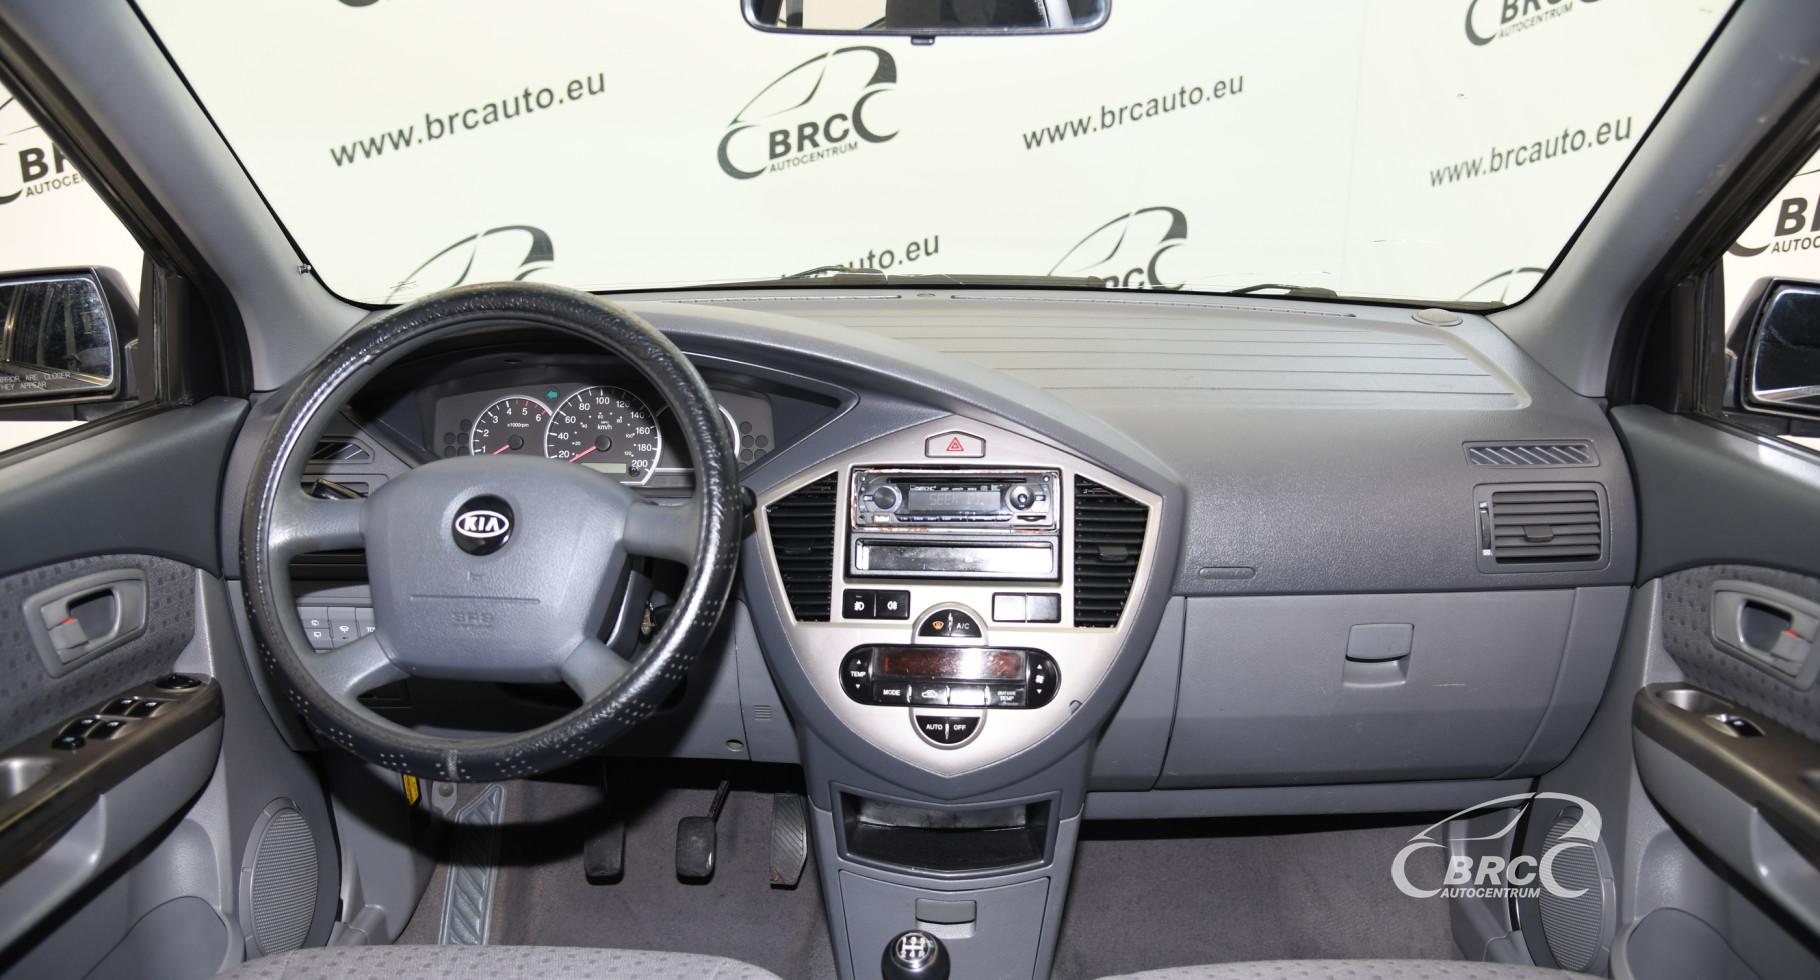 Kia Carens 2.0 CRDi EX